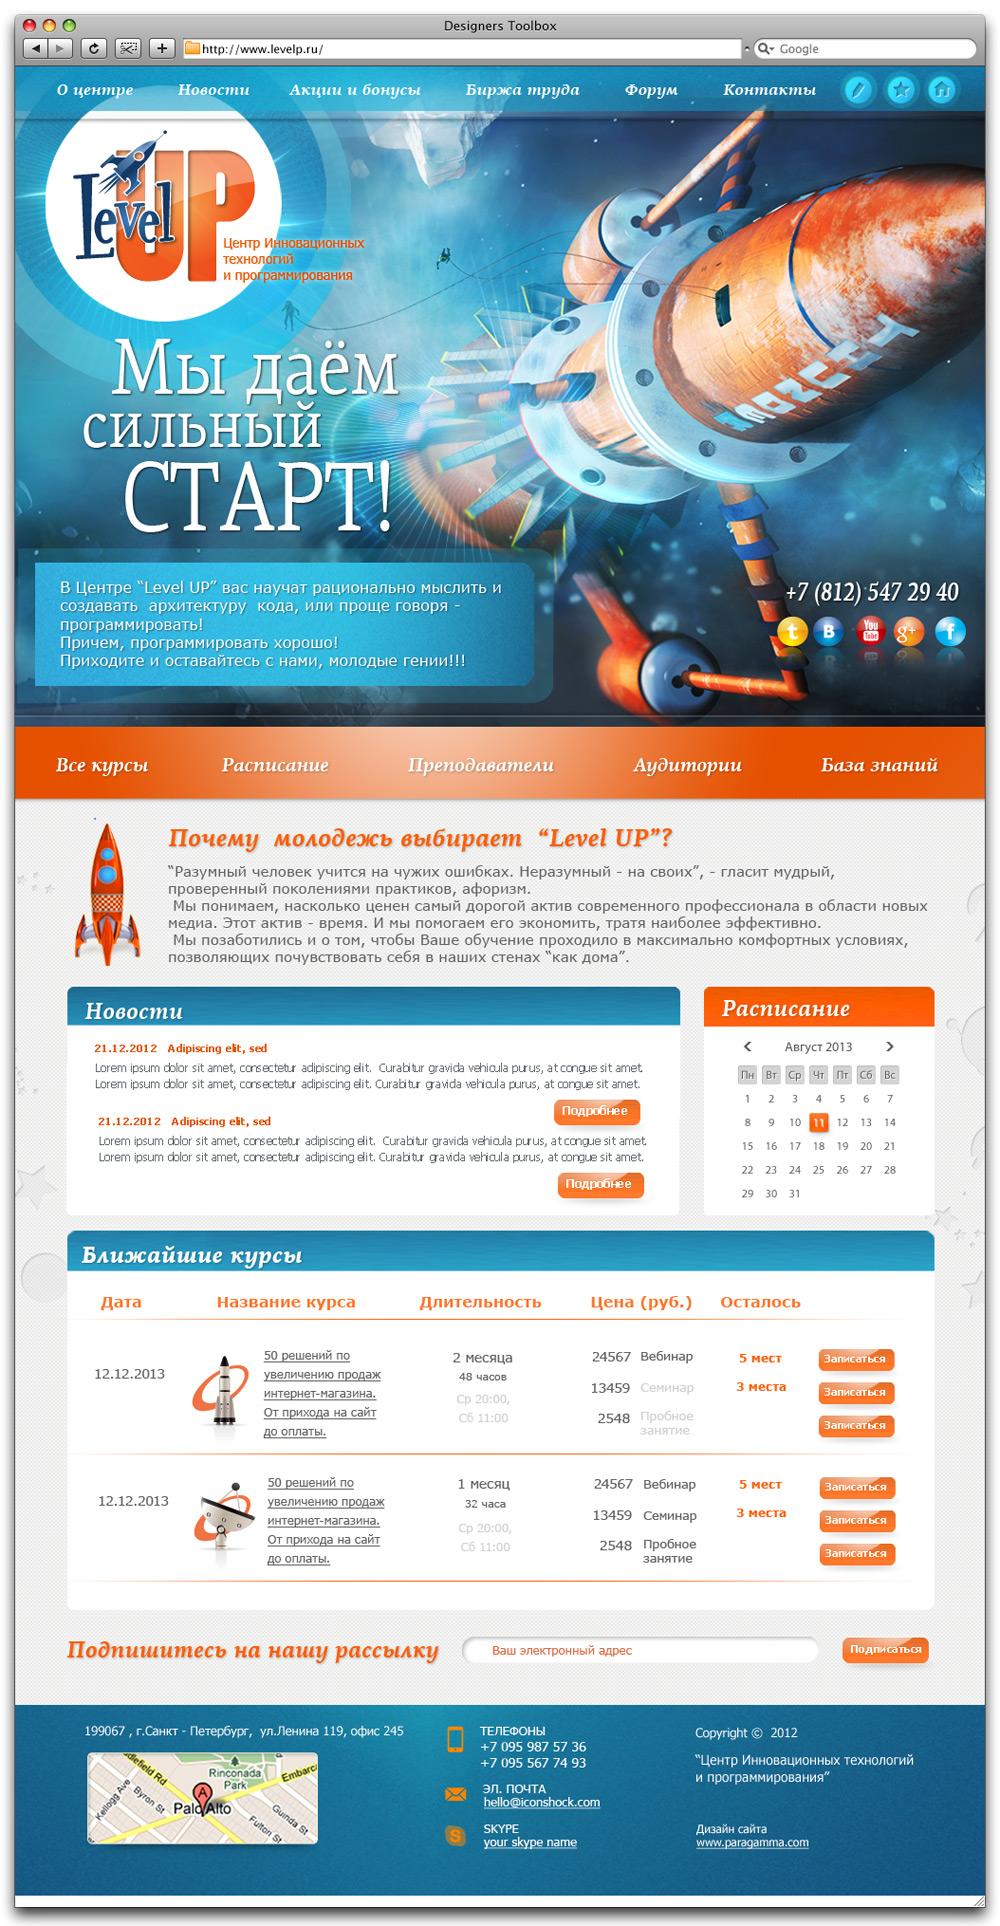 Центр инновационных технологий и программирования Level Up